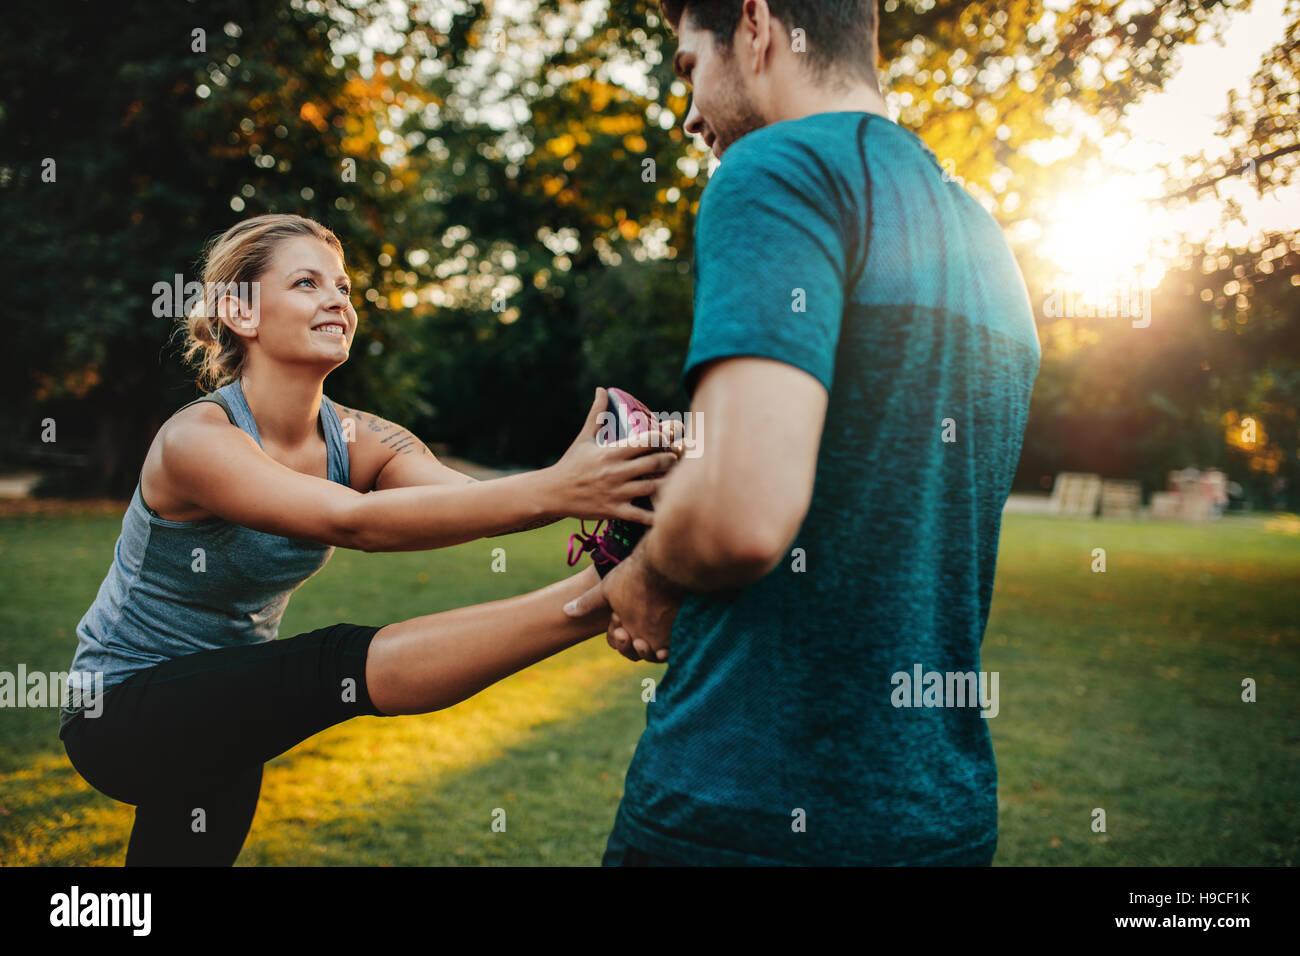 El preparador físico masculino ayudando a las mujeres con el ejercicio de la pierna. Mujer joven siendo asistidos Imagen De Stock